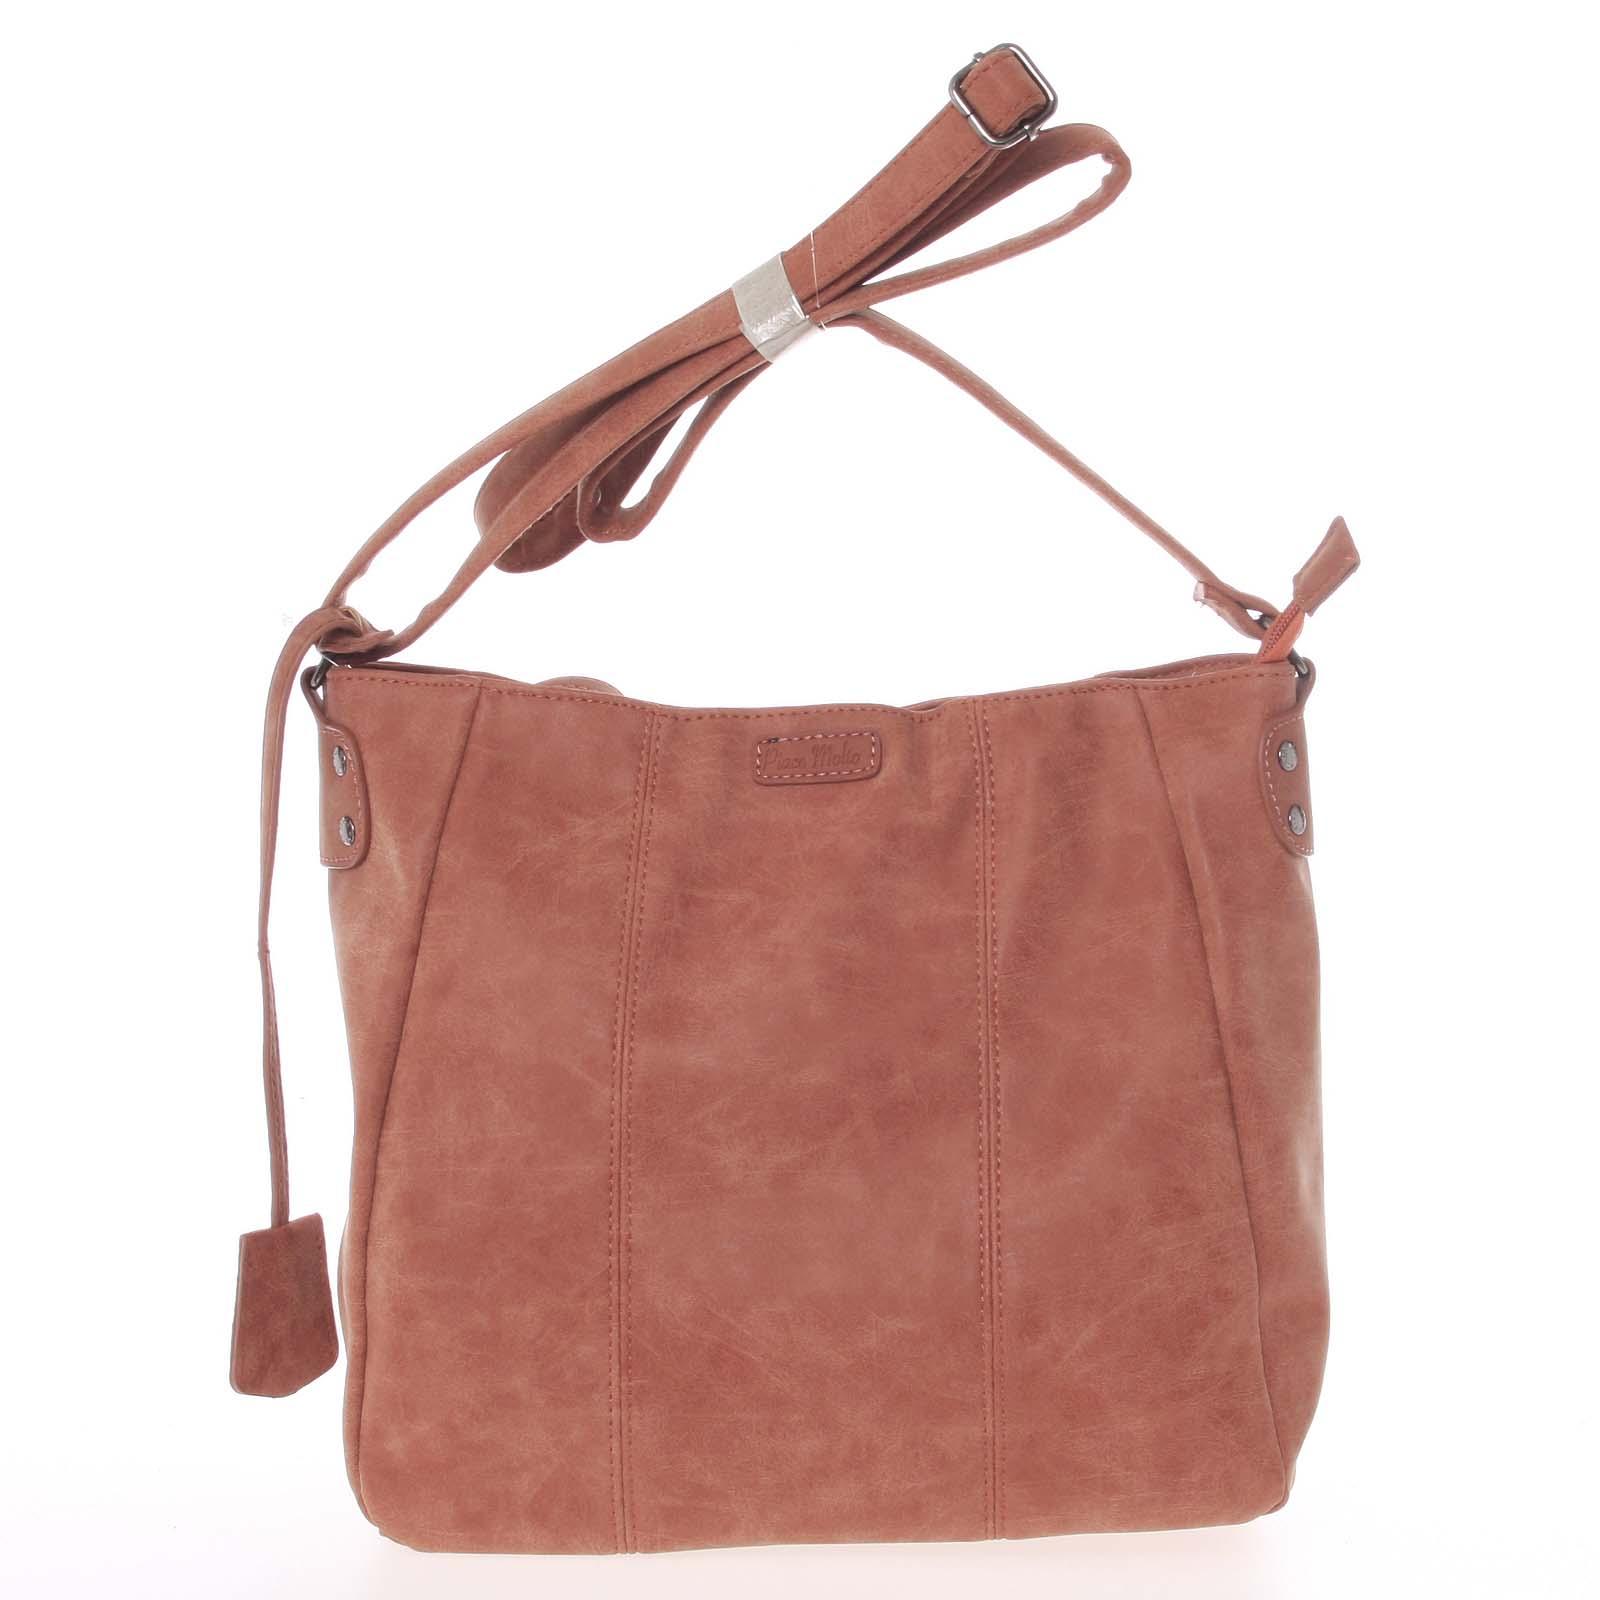 Dámska kvalitná staro ružová crossbody taška - Piace Molto Loreta